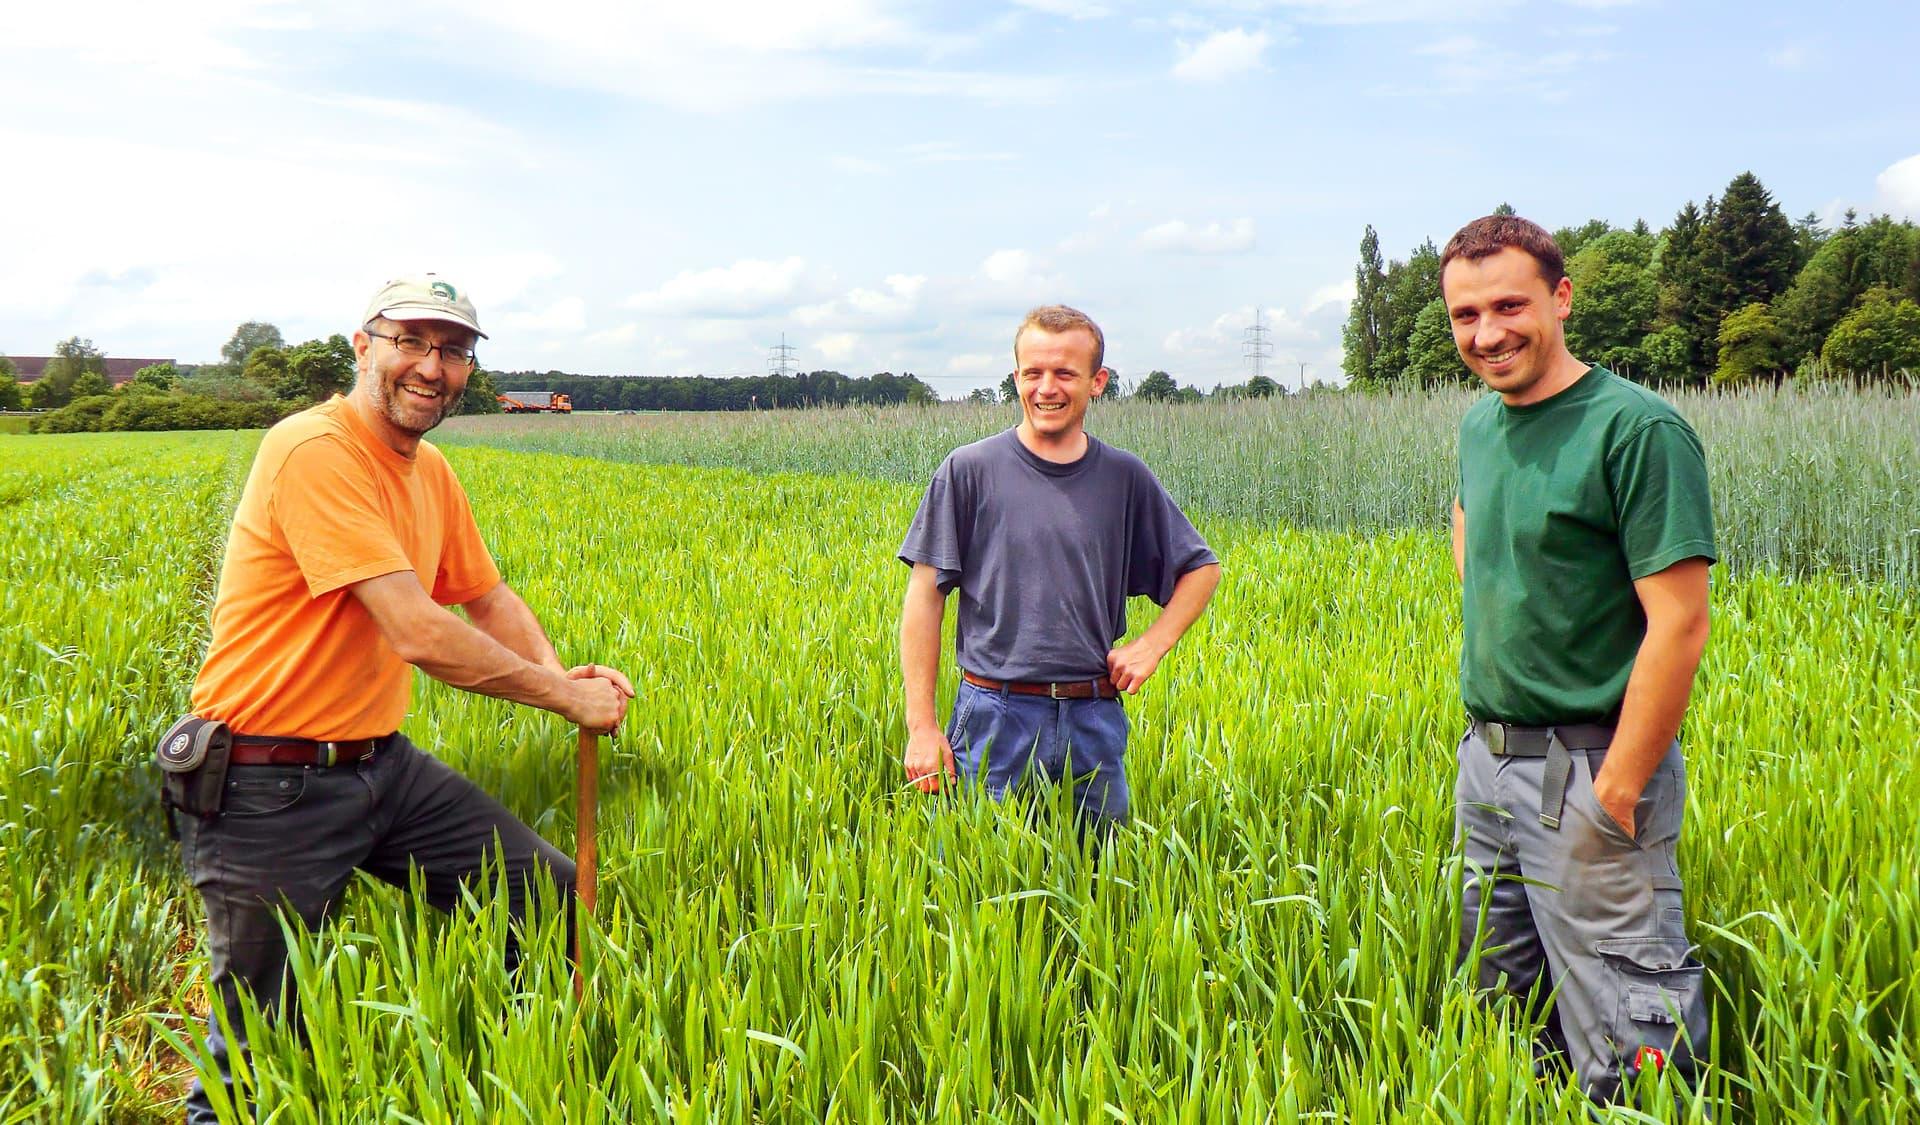 Drei Männer stehen in einem Getreidefeld